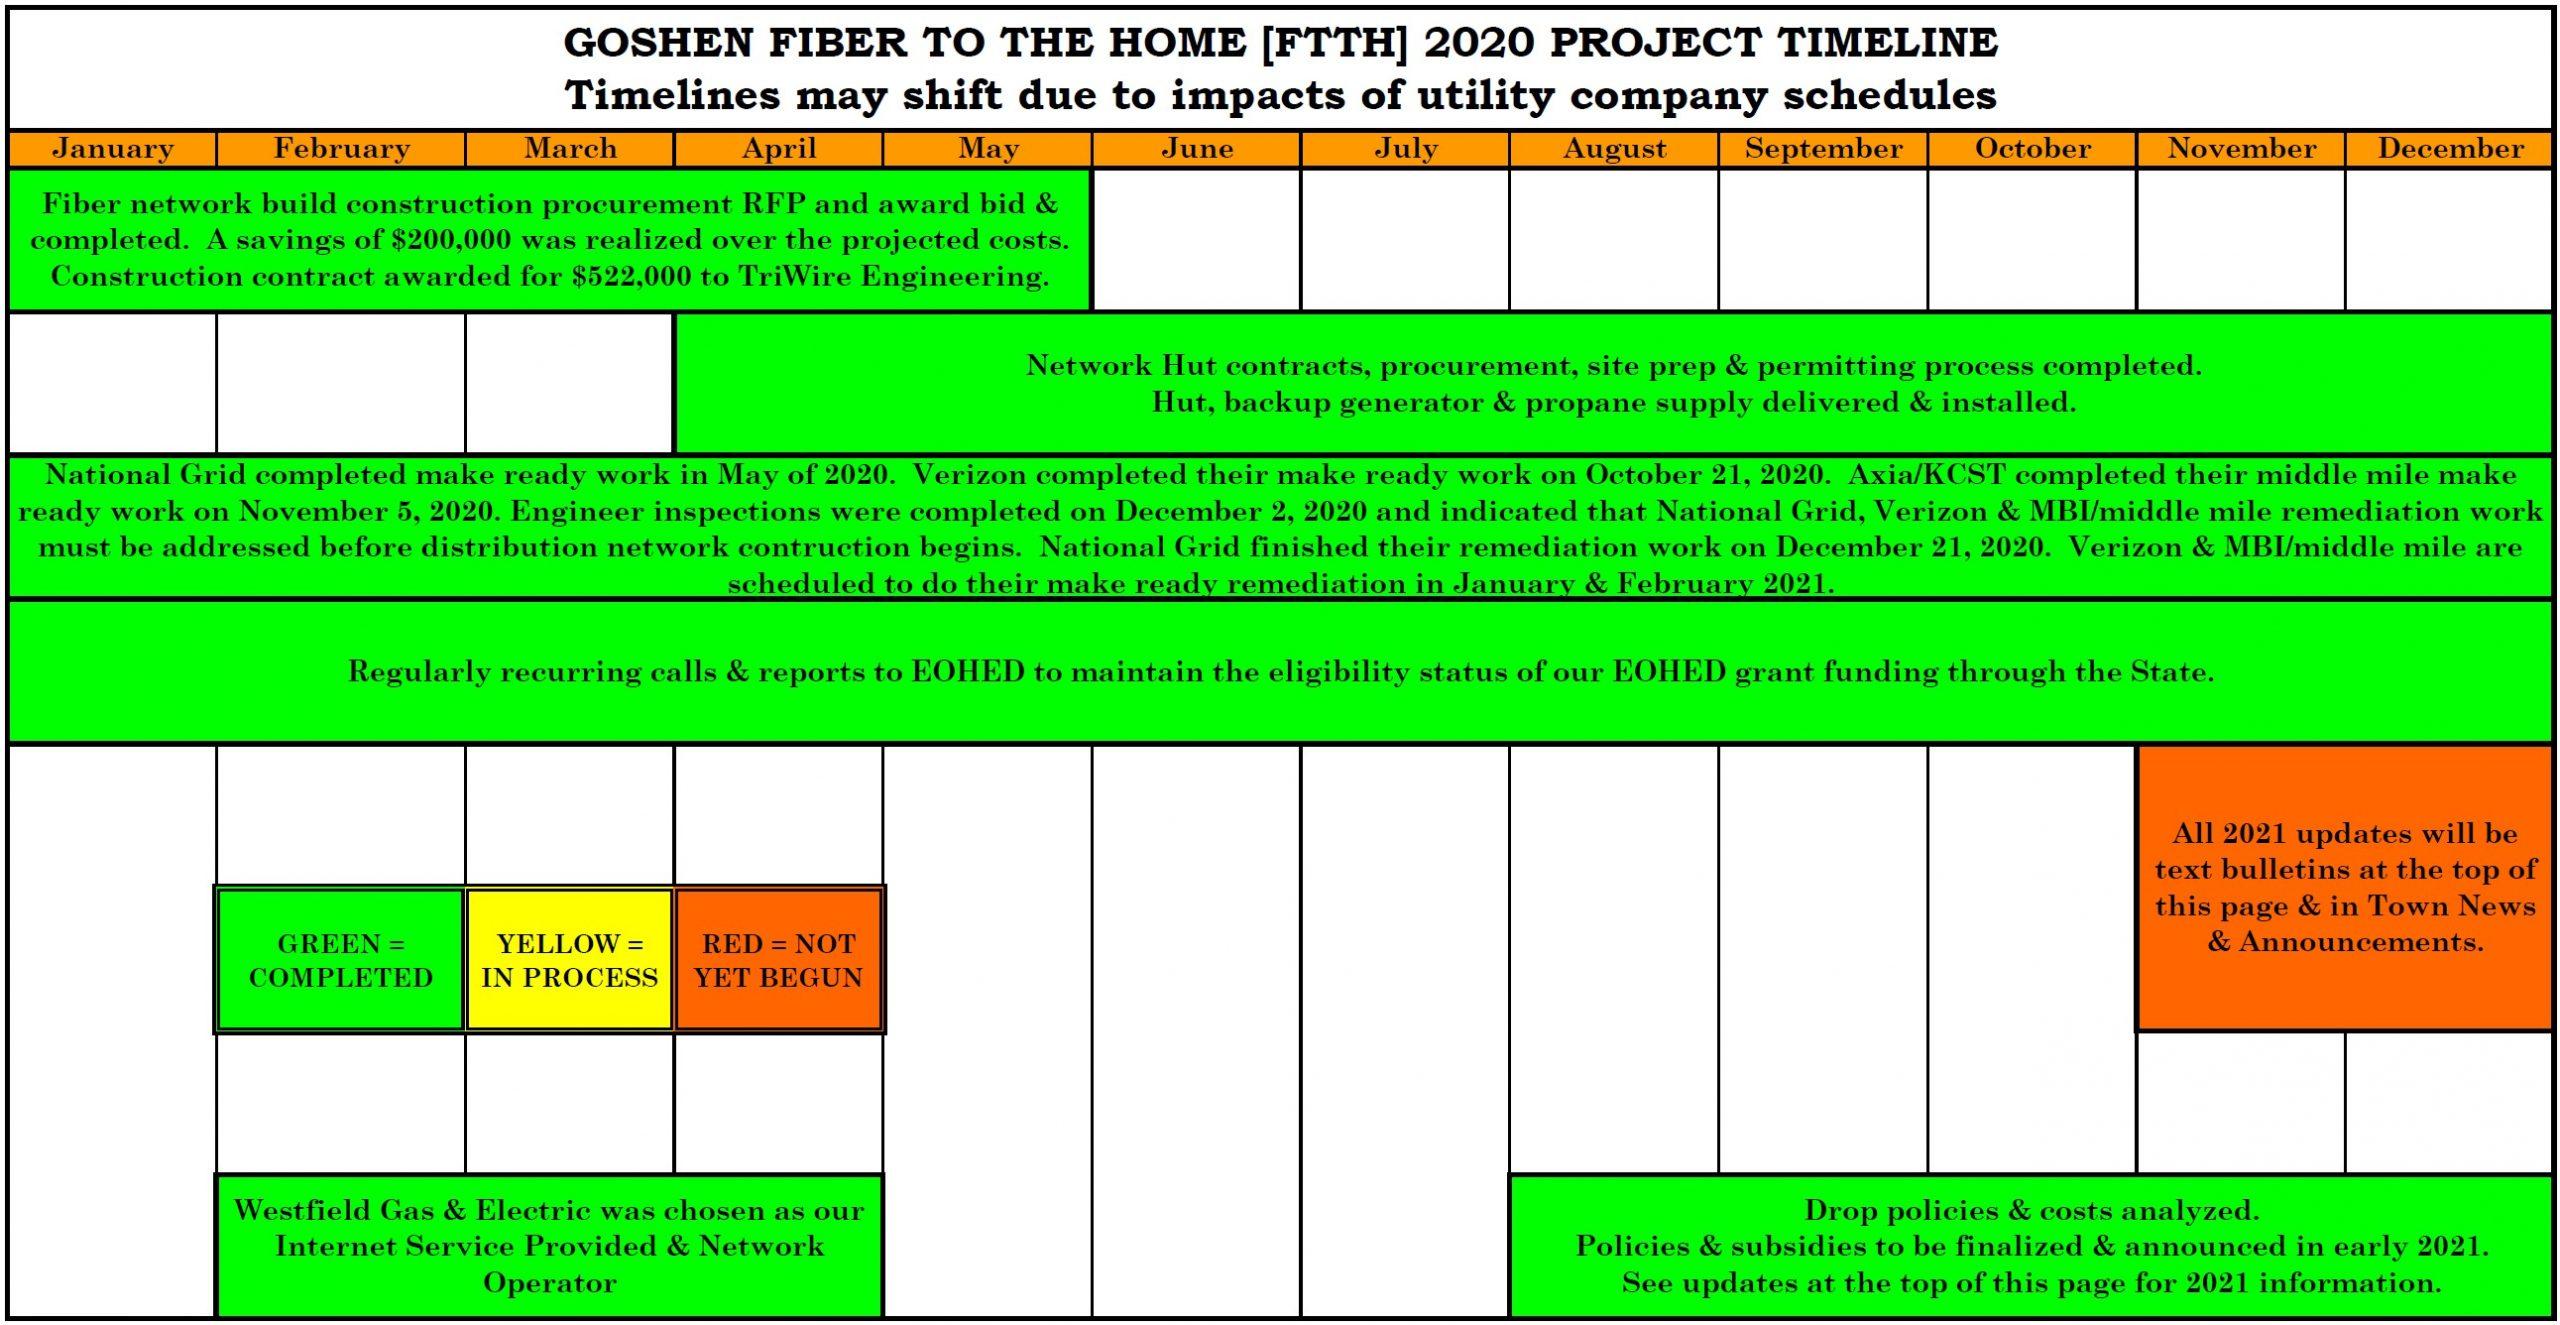 GOSHEN FTTH 2020 PROJECT TIMELINE 2020-12 completed